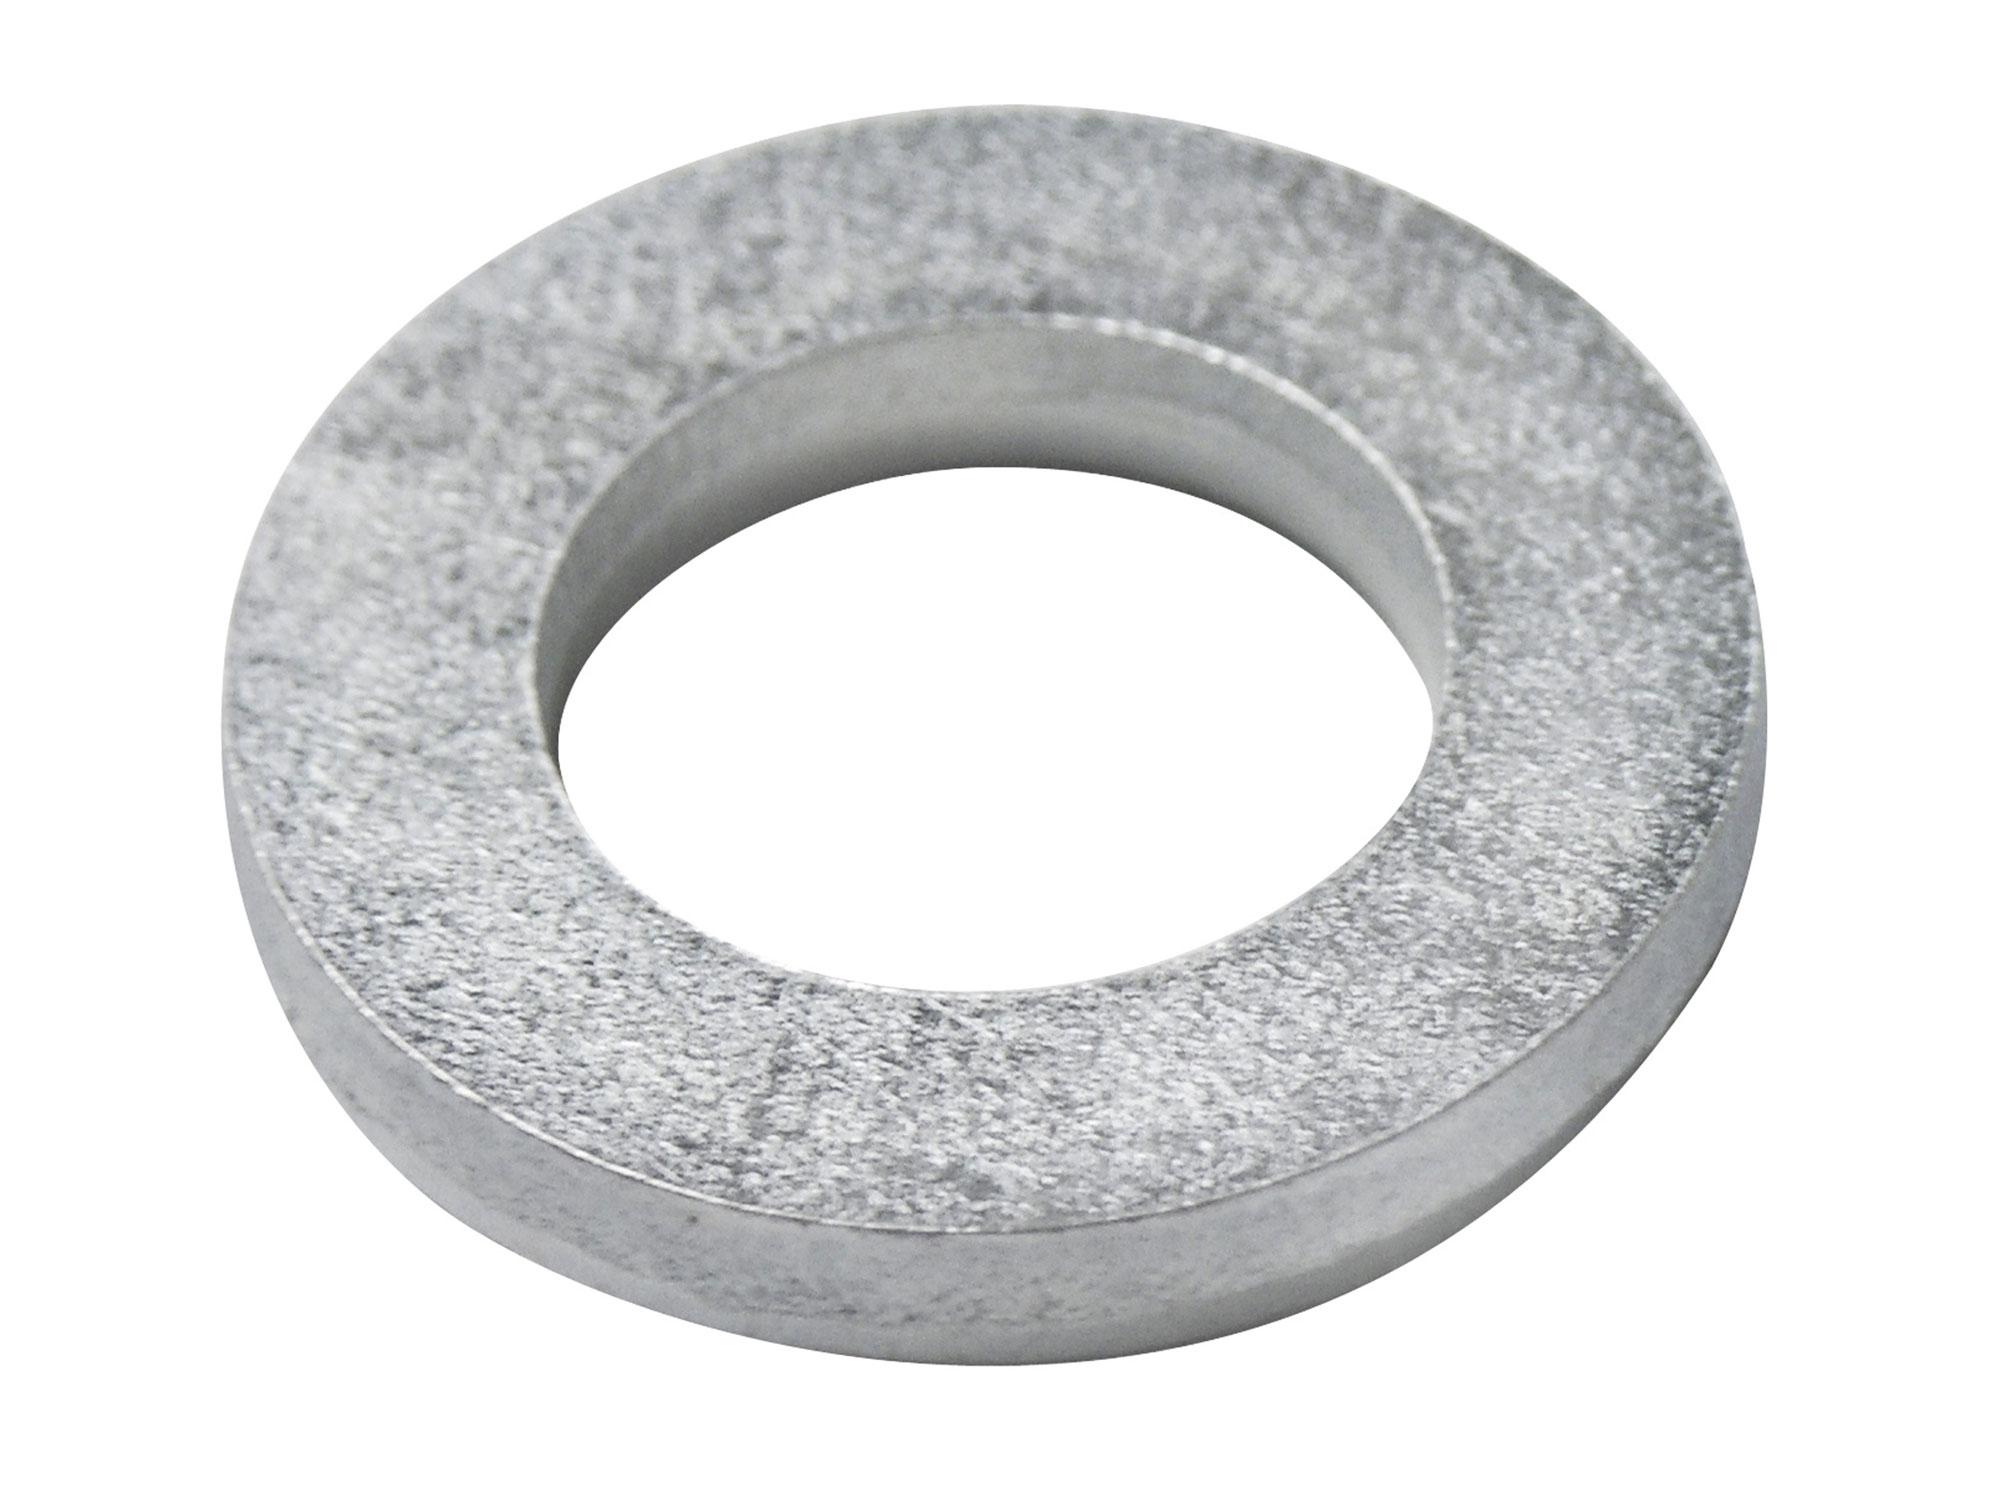 kroužek vkládací, 30x22x2,2mm, 2,2mm, EXTOL PREMIUM 8803291